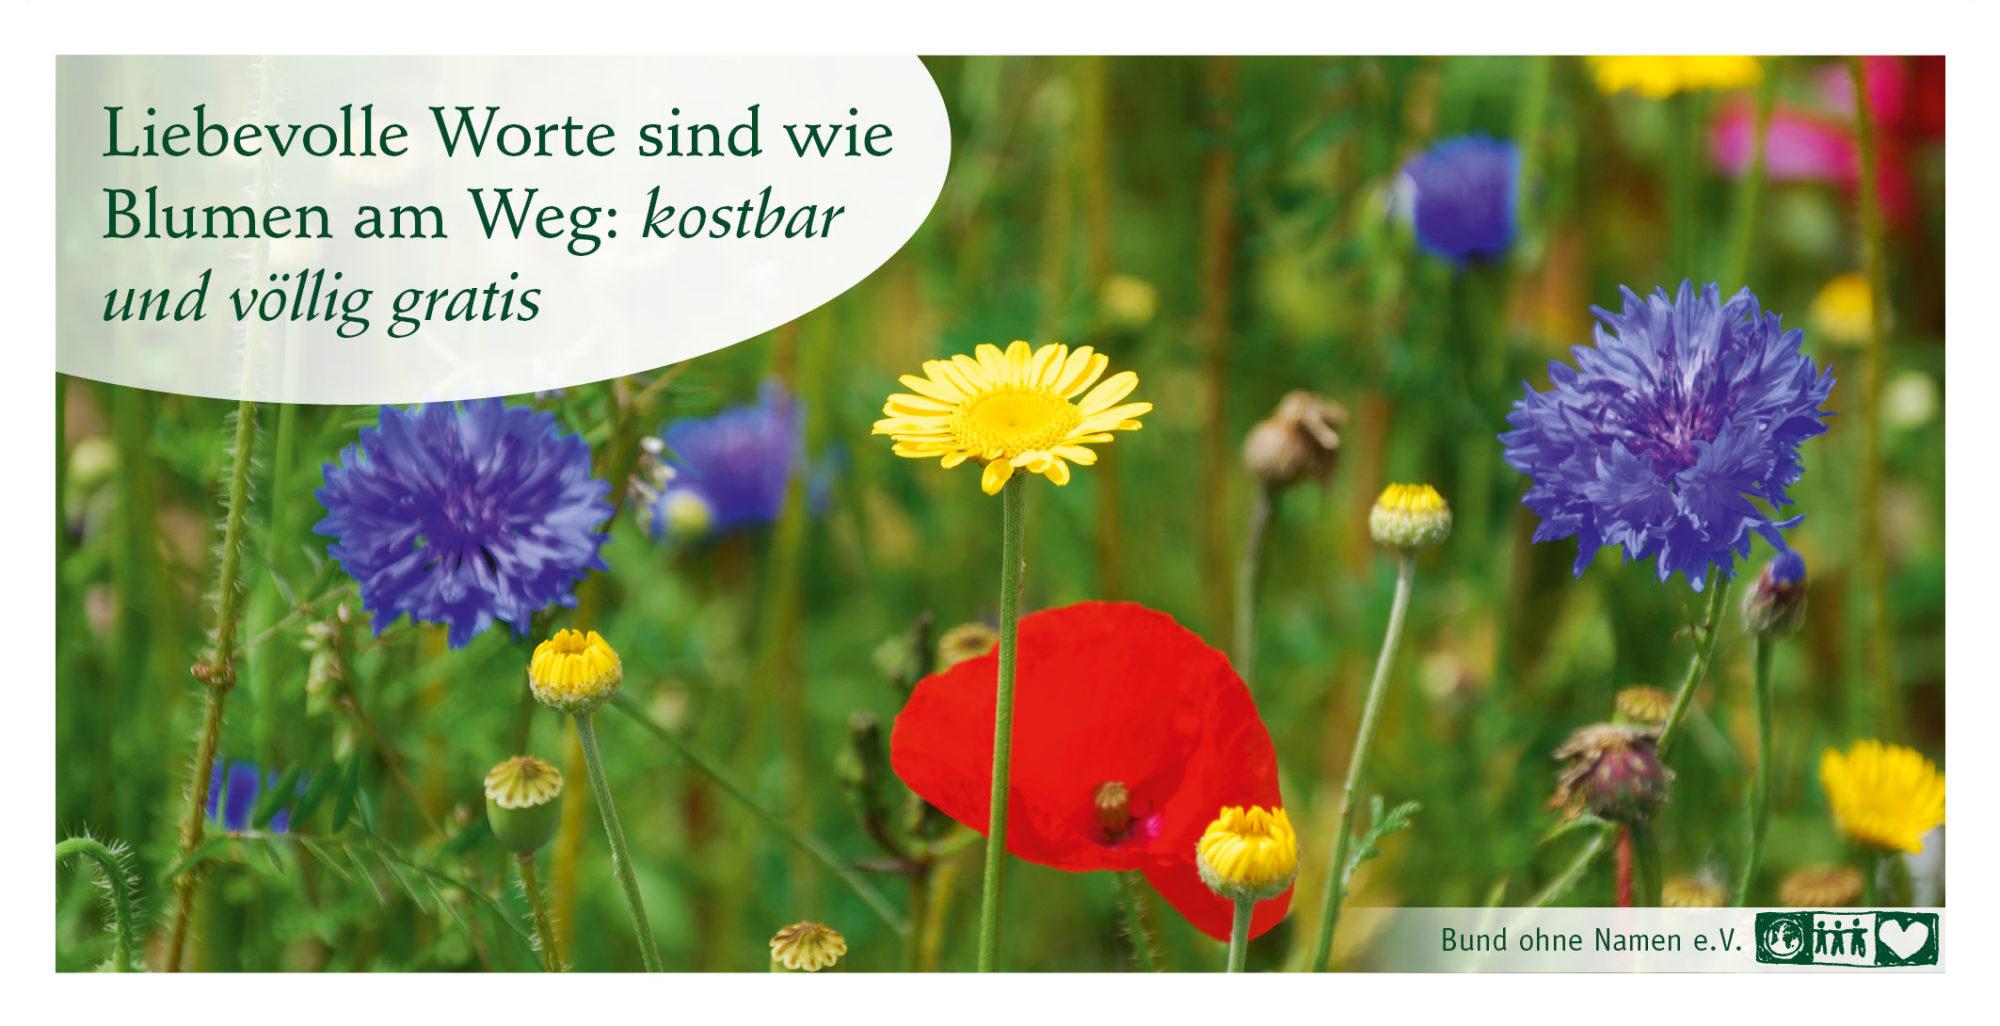 Liebevolle Worte sind wie Blumen am Weg: kostbar und völlig gratis